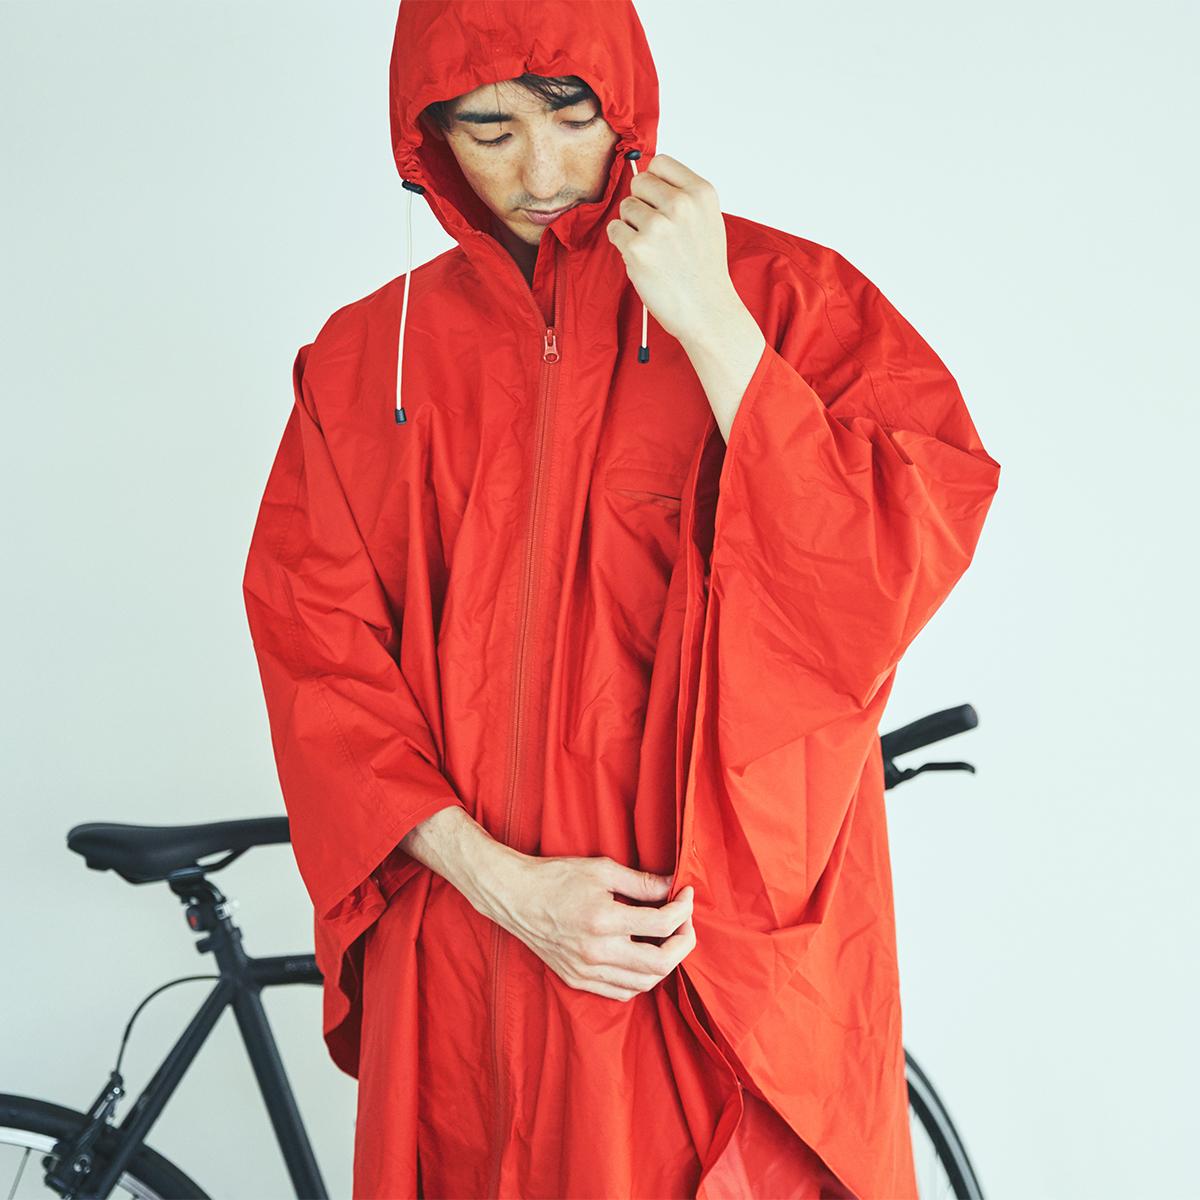 顔までスッポリ覆って自転車に乗る時も便利 「ポンチョを着て自転車でスイスイ」で、雨の日の通勤を楽しく。見た目タウン用、機能は登山用の男女兼用ポンチョ